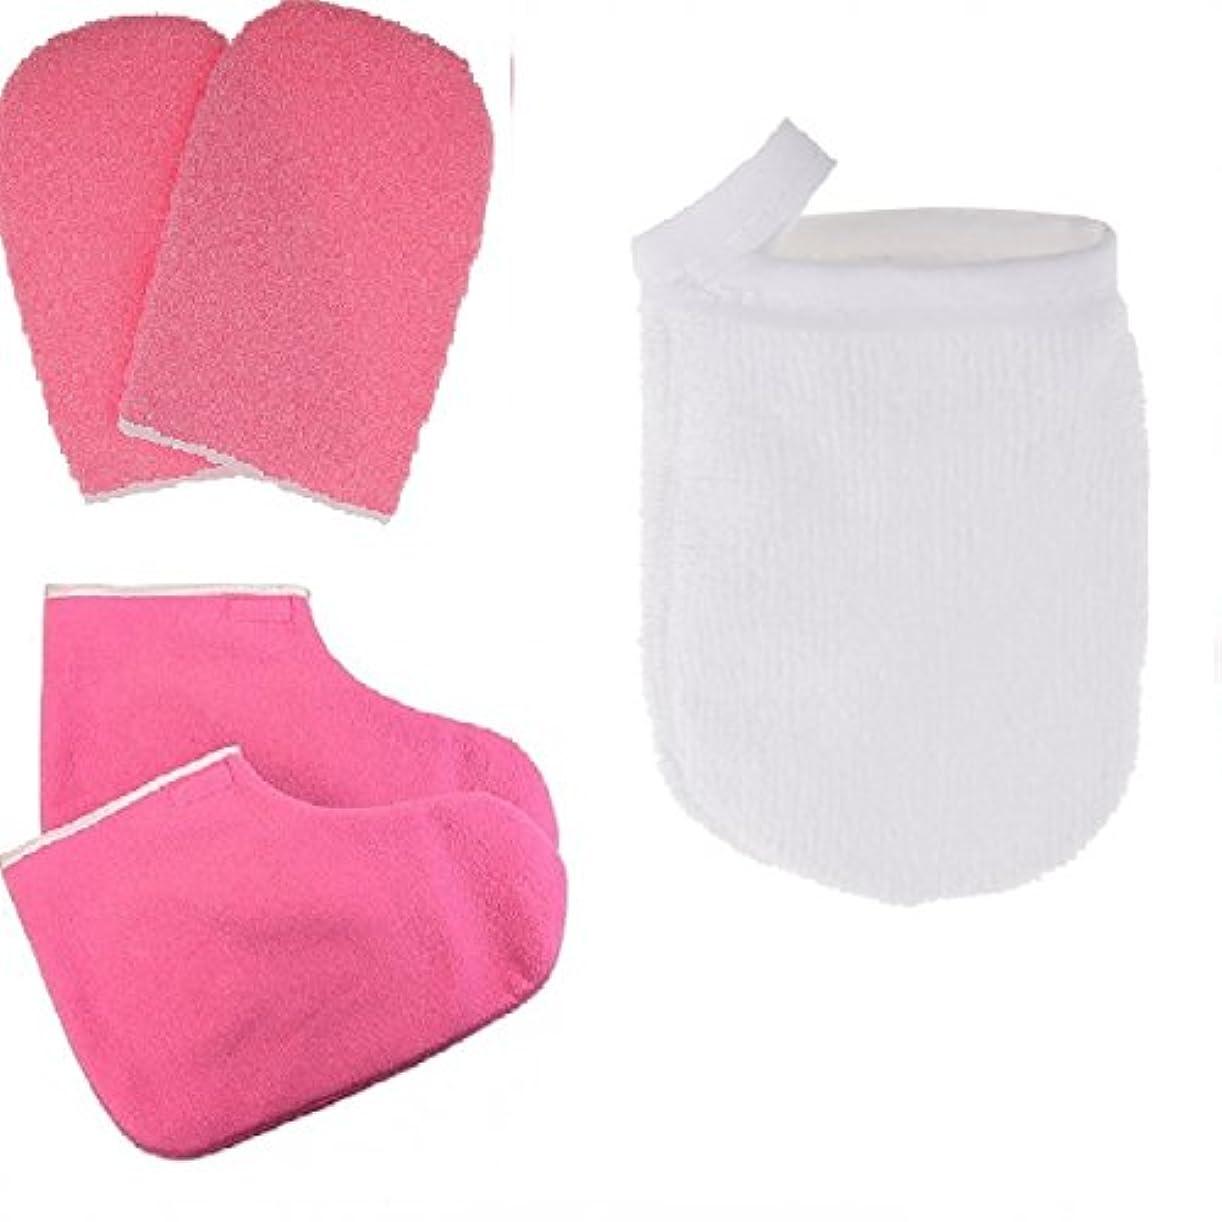 確立対抗意図するパラフィンワックス手袋 グローブ 保護手袋 クレンジンググローブ メイクリムーバー パッド